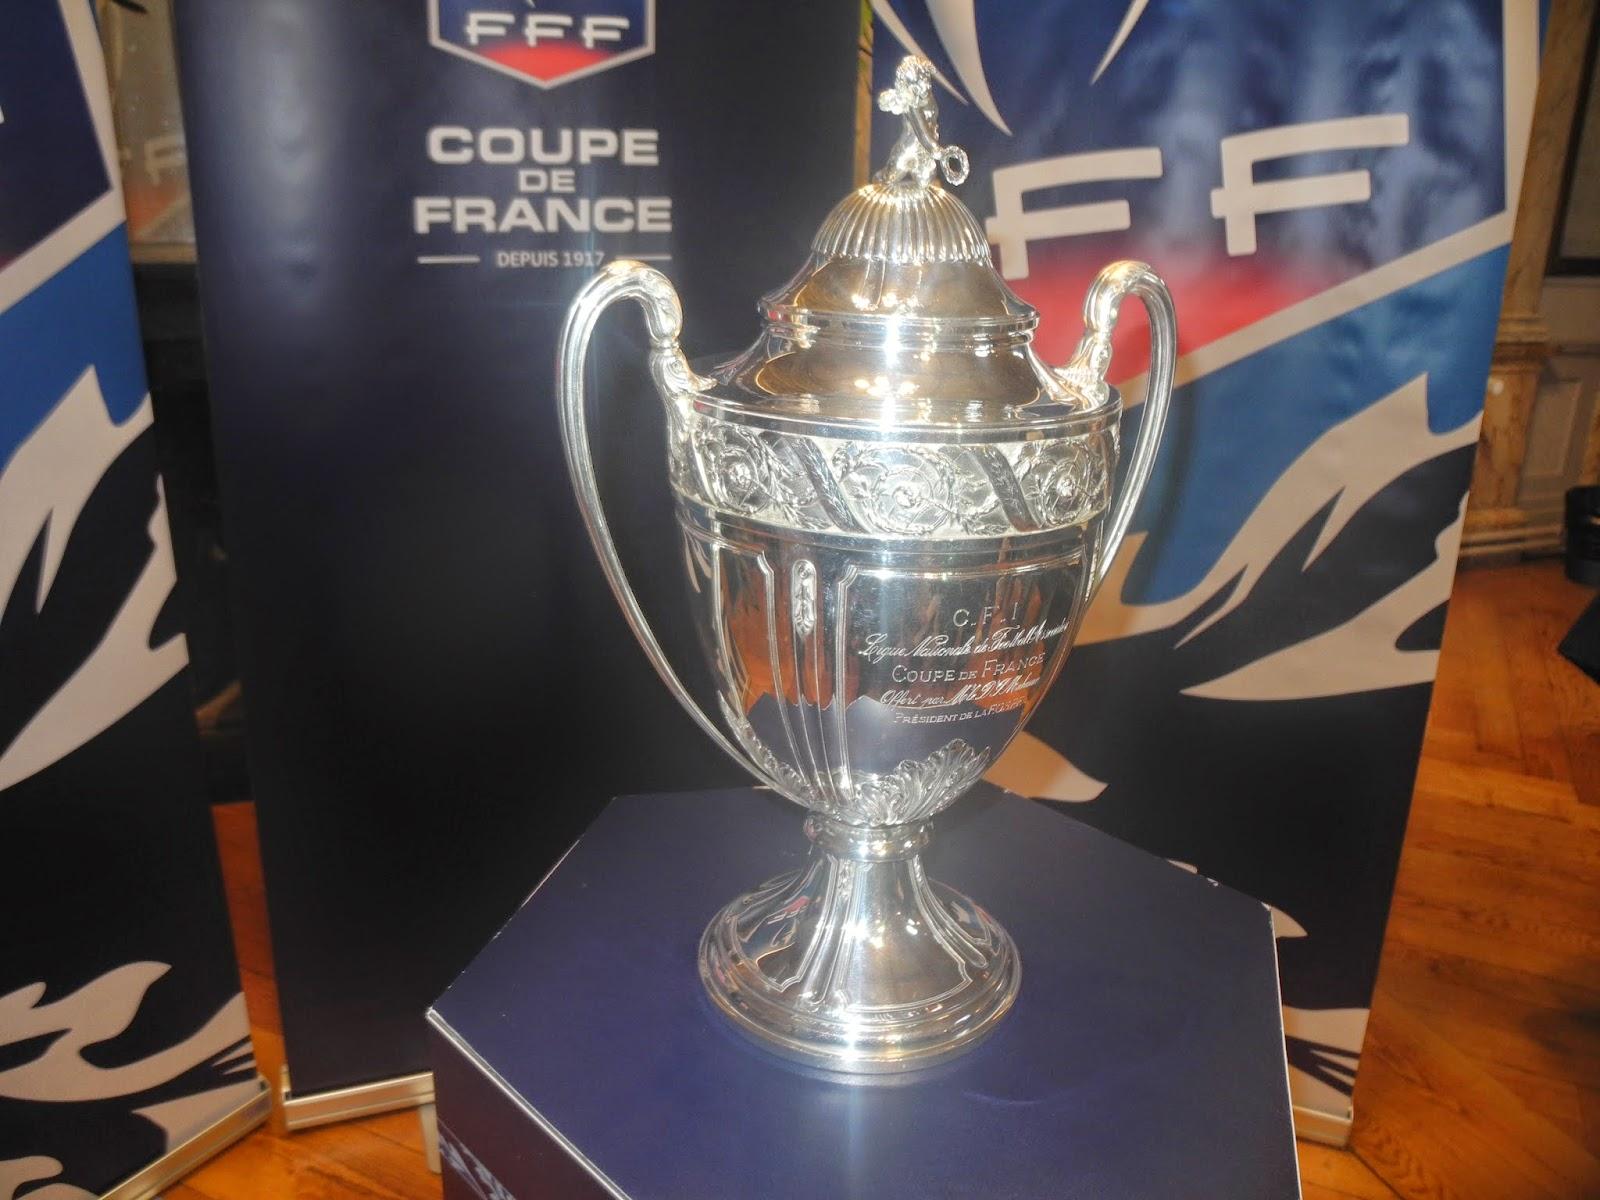 Football coupe de france tirage du 7eme tour franck marquis tout le sport en region - Resultat coupe de france 7eme tour ...